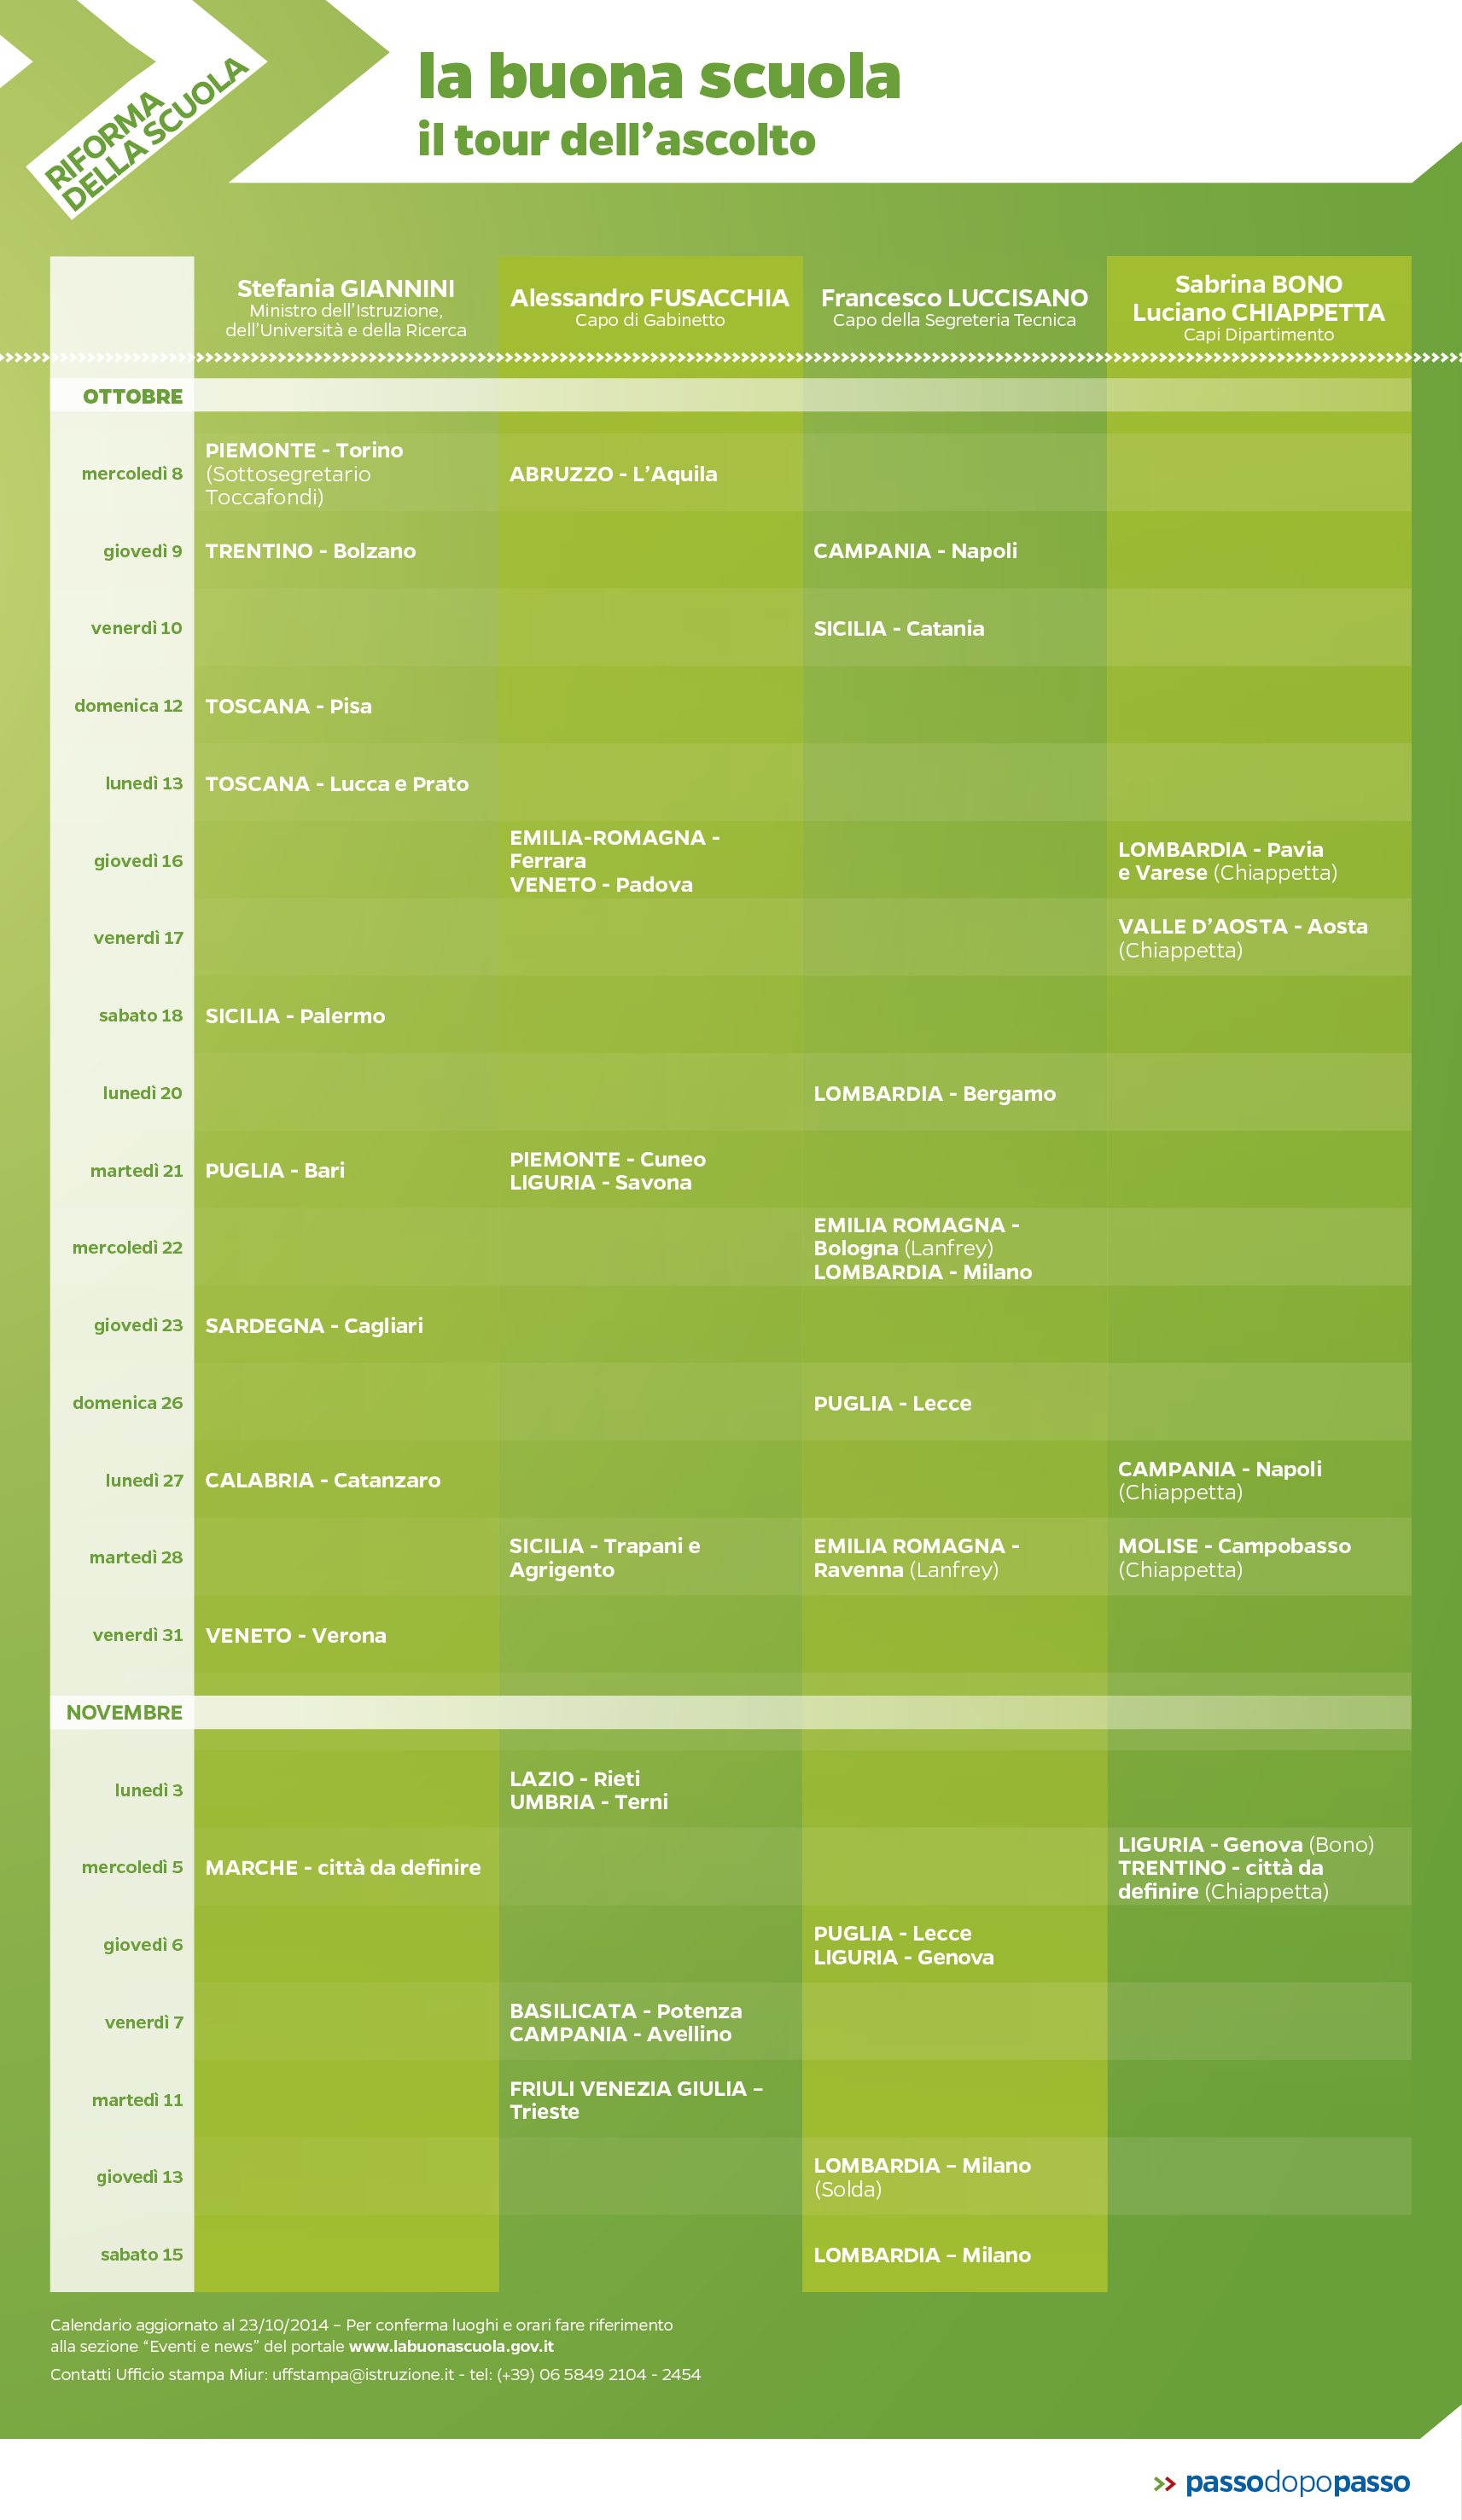 Infografica: La buona scuola – Il tour dell'ascolto